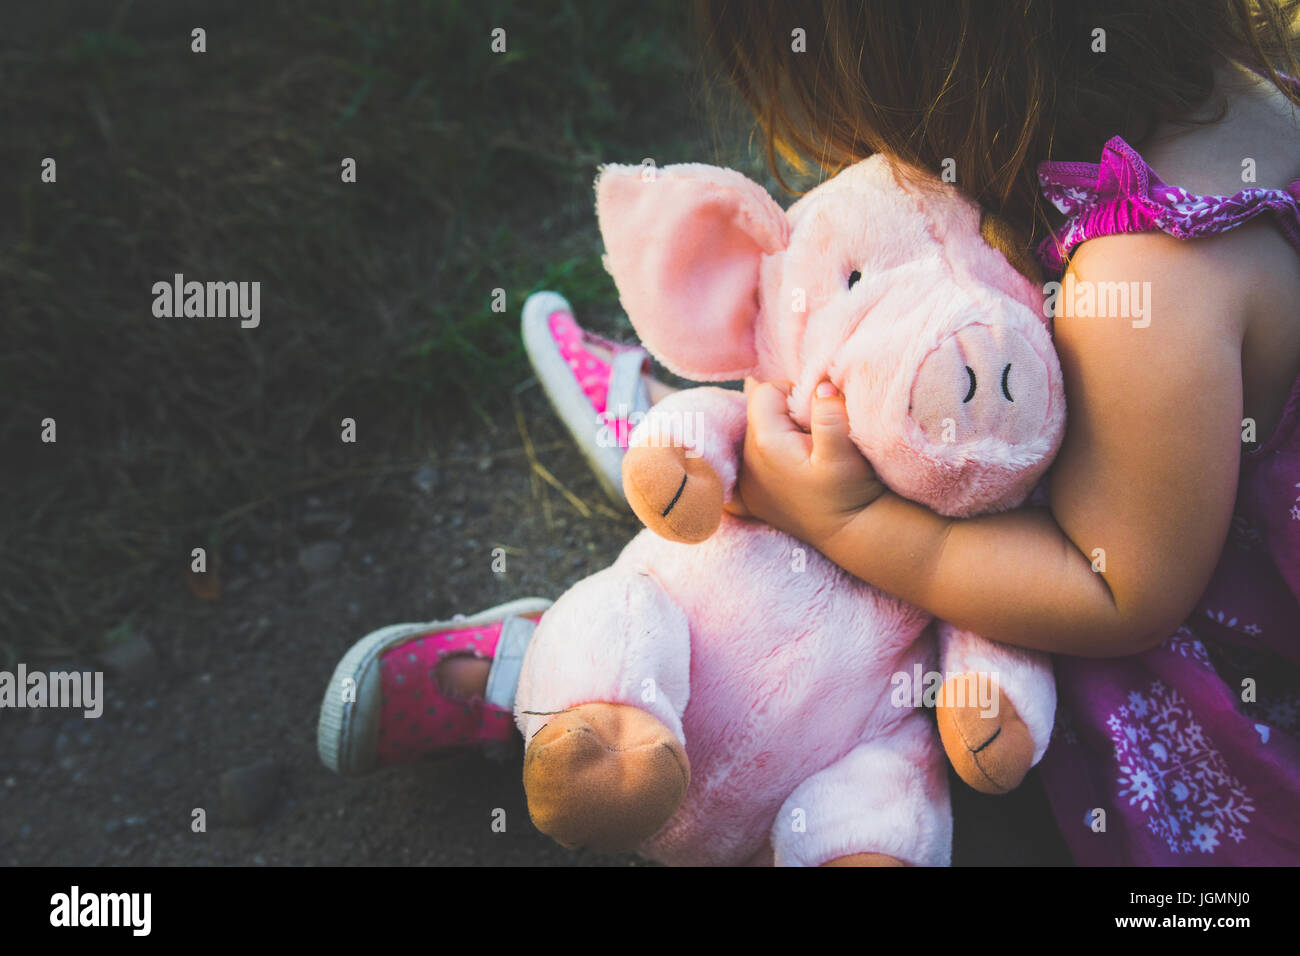 Un jeune enfant de sexe féminin est titulaire d'un cochon en peluche rose. Photo Stock